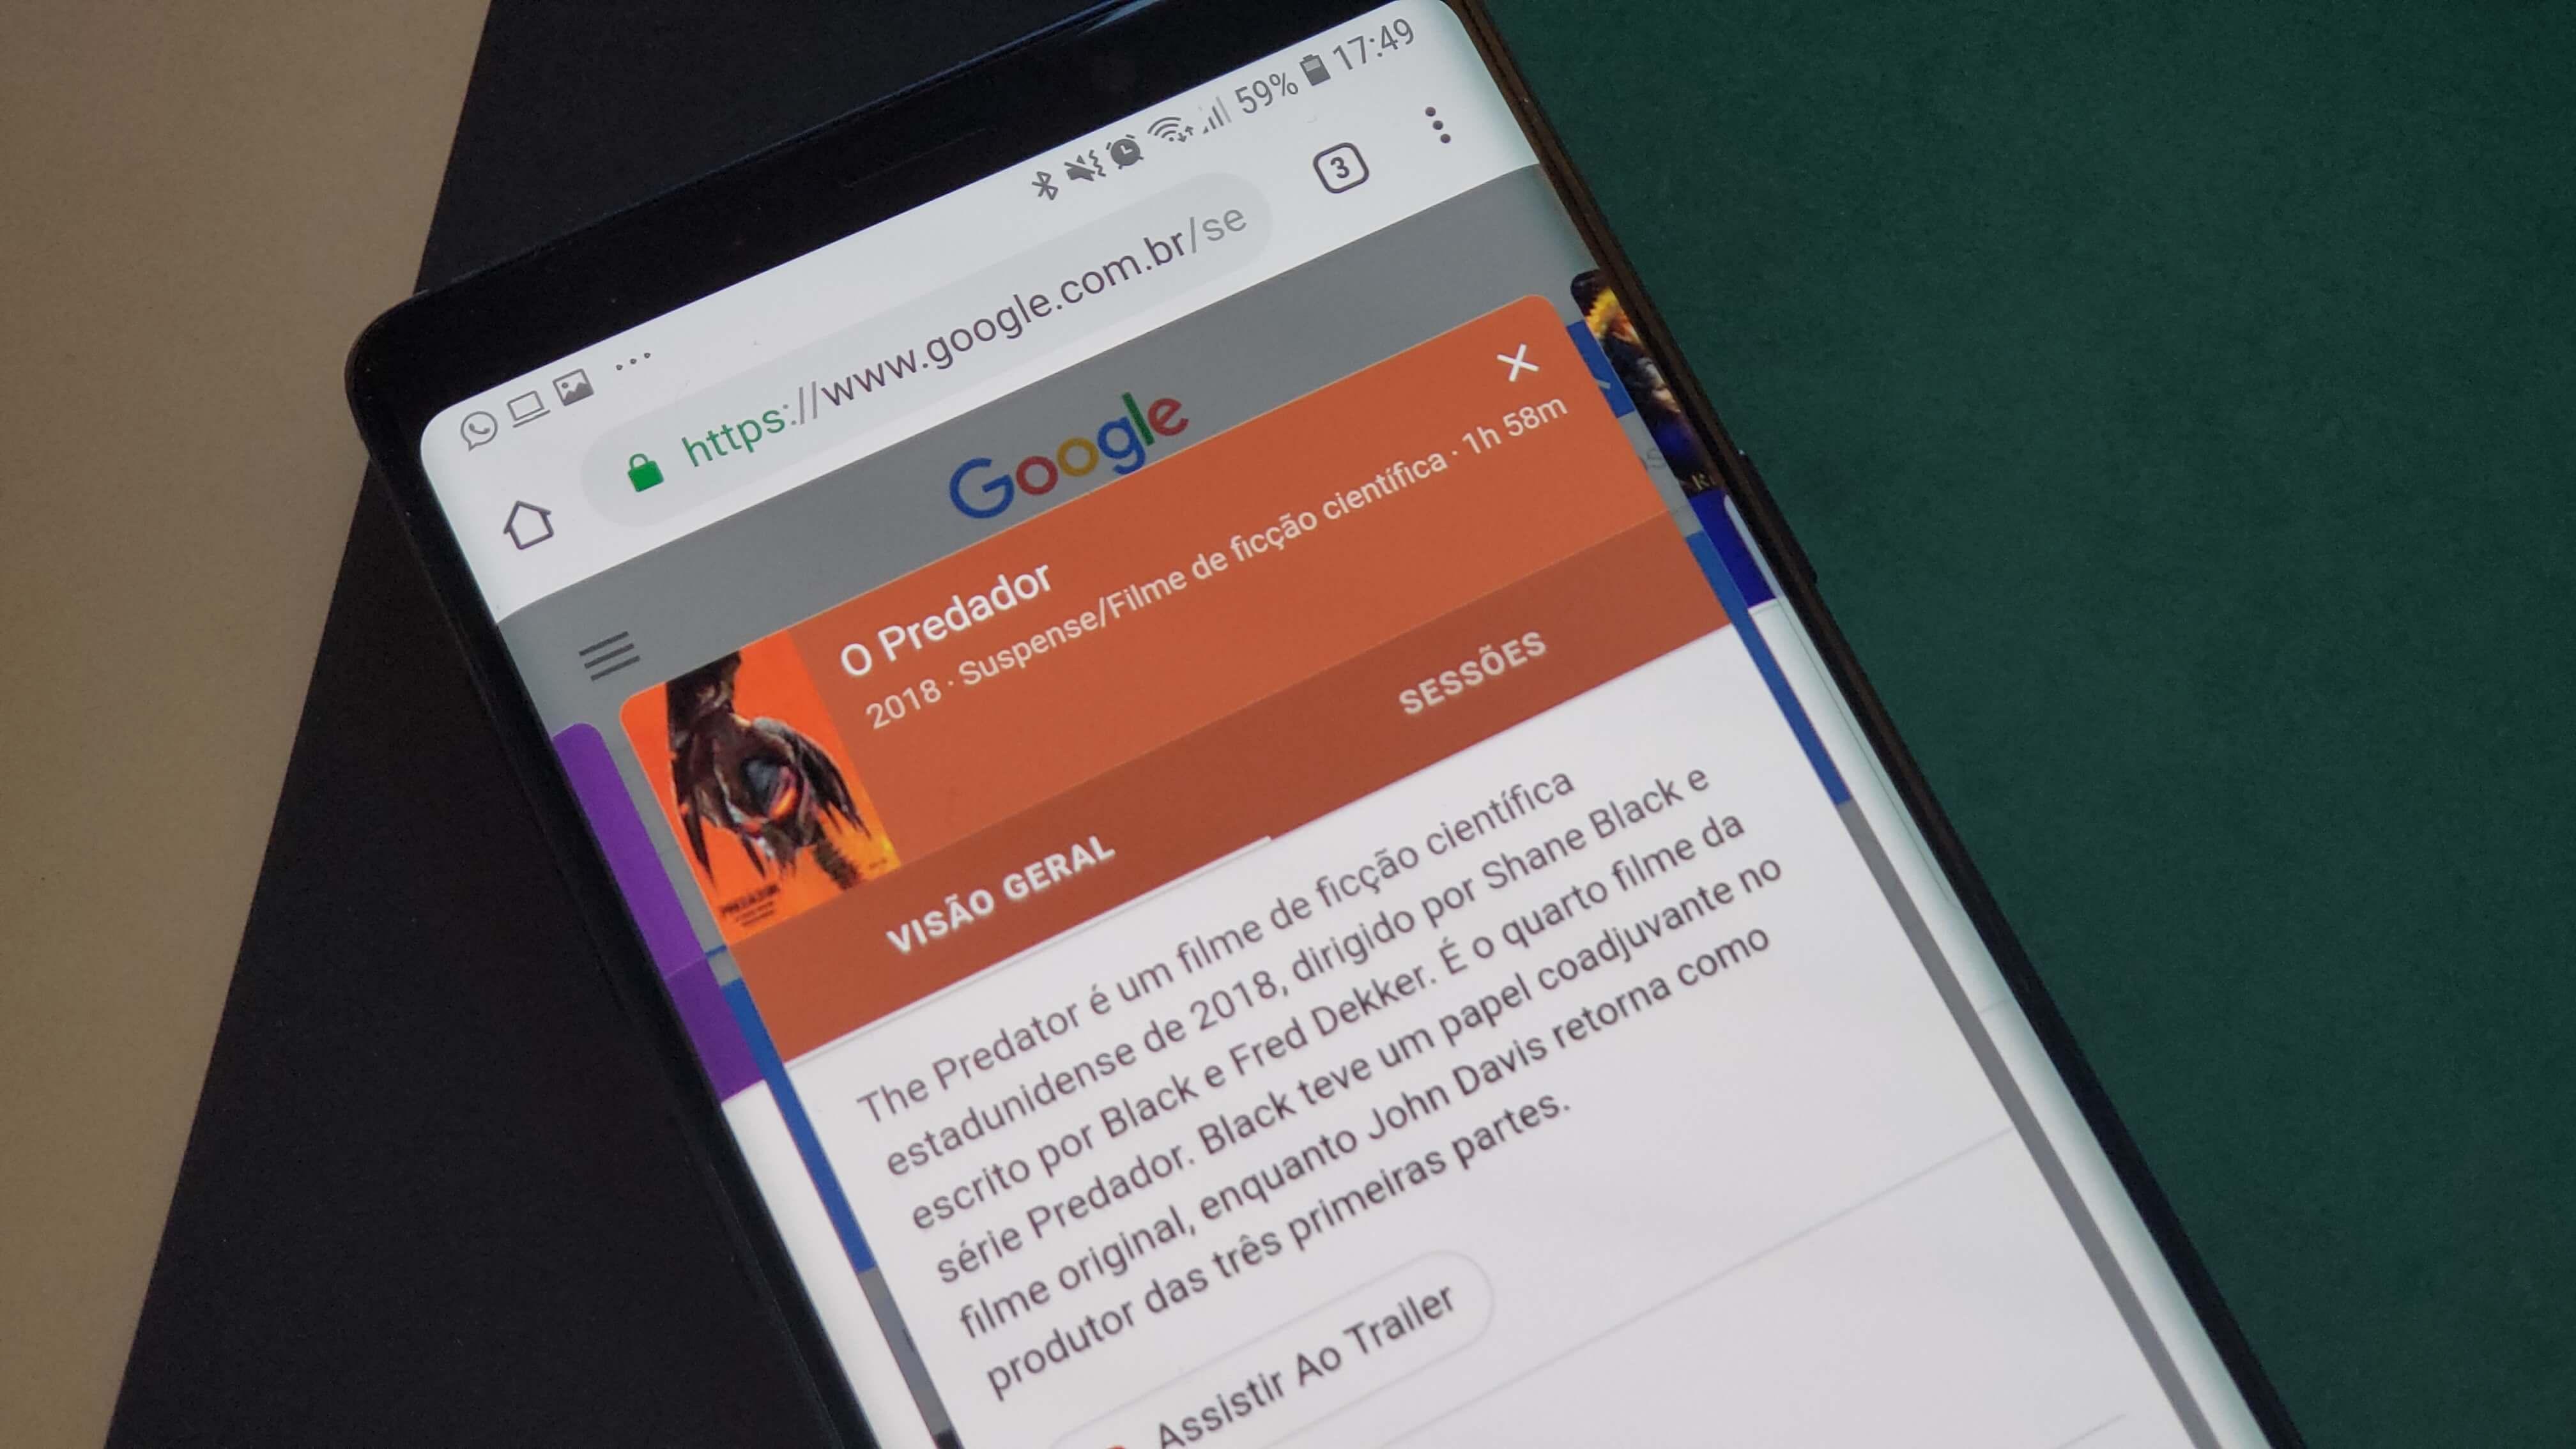 google filmes em cartaz cinema 2 - Filmes em Cartaz: Google adiciona novas opções para facilitar ida ao cinema